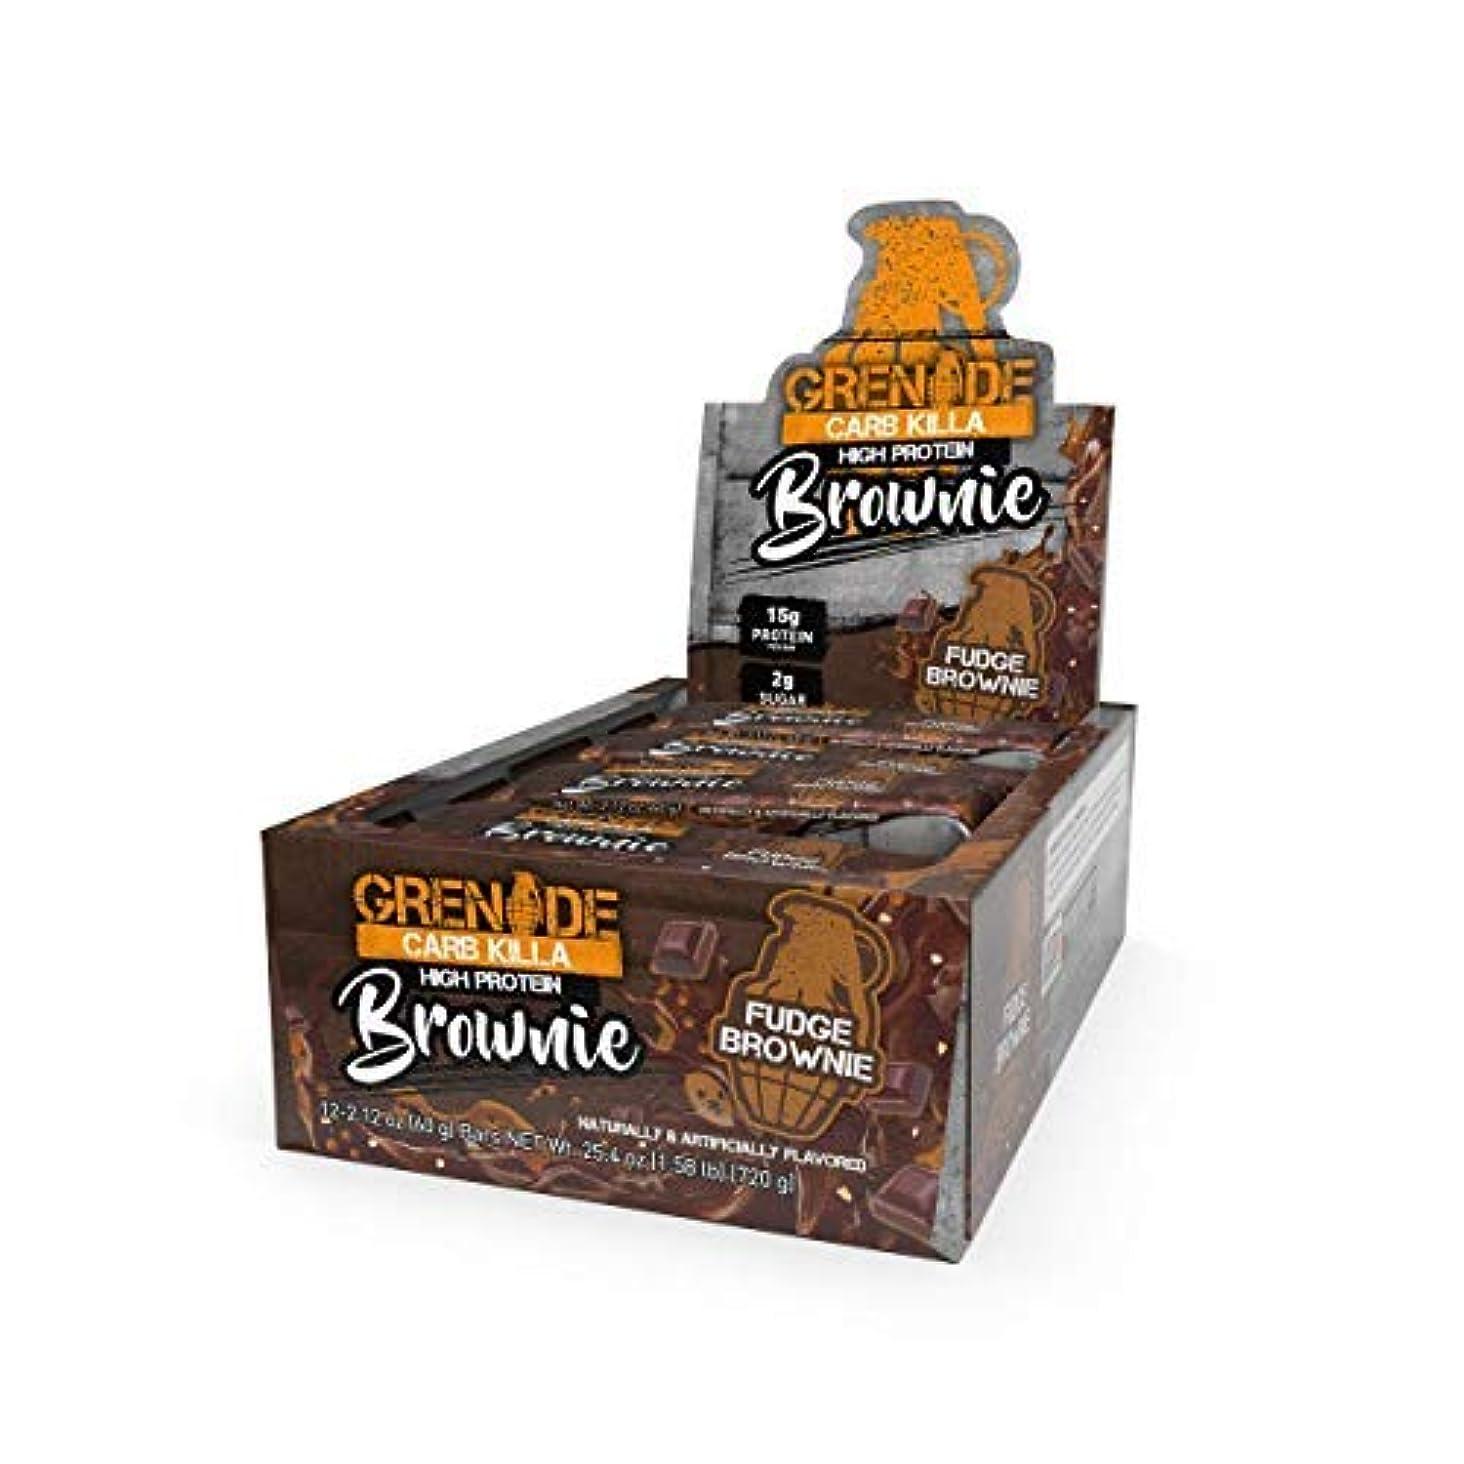 卒業シャークテセウスGrenade Carb Killa Brownie High Protein Suitable Meal Replacement for Weight Loss 60 Grams Pack of 12 [並行輸入品]